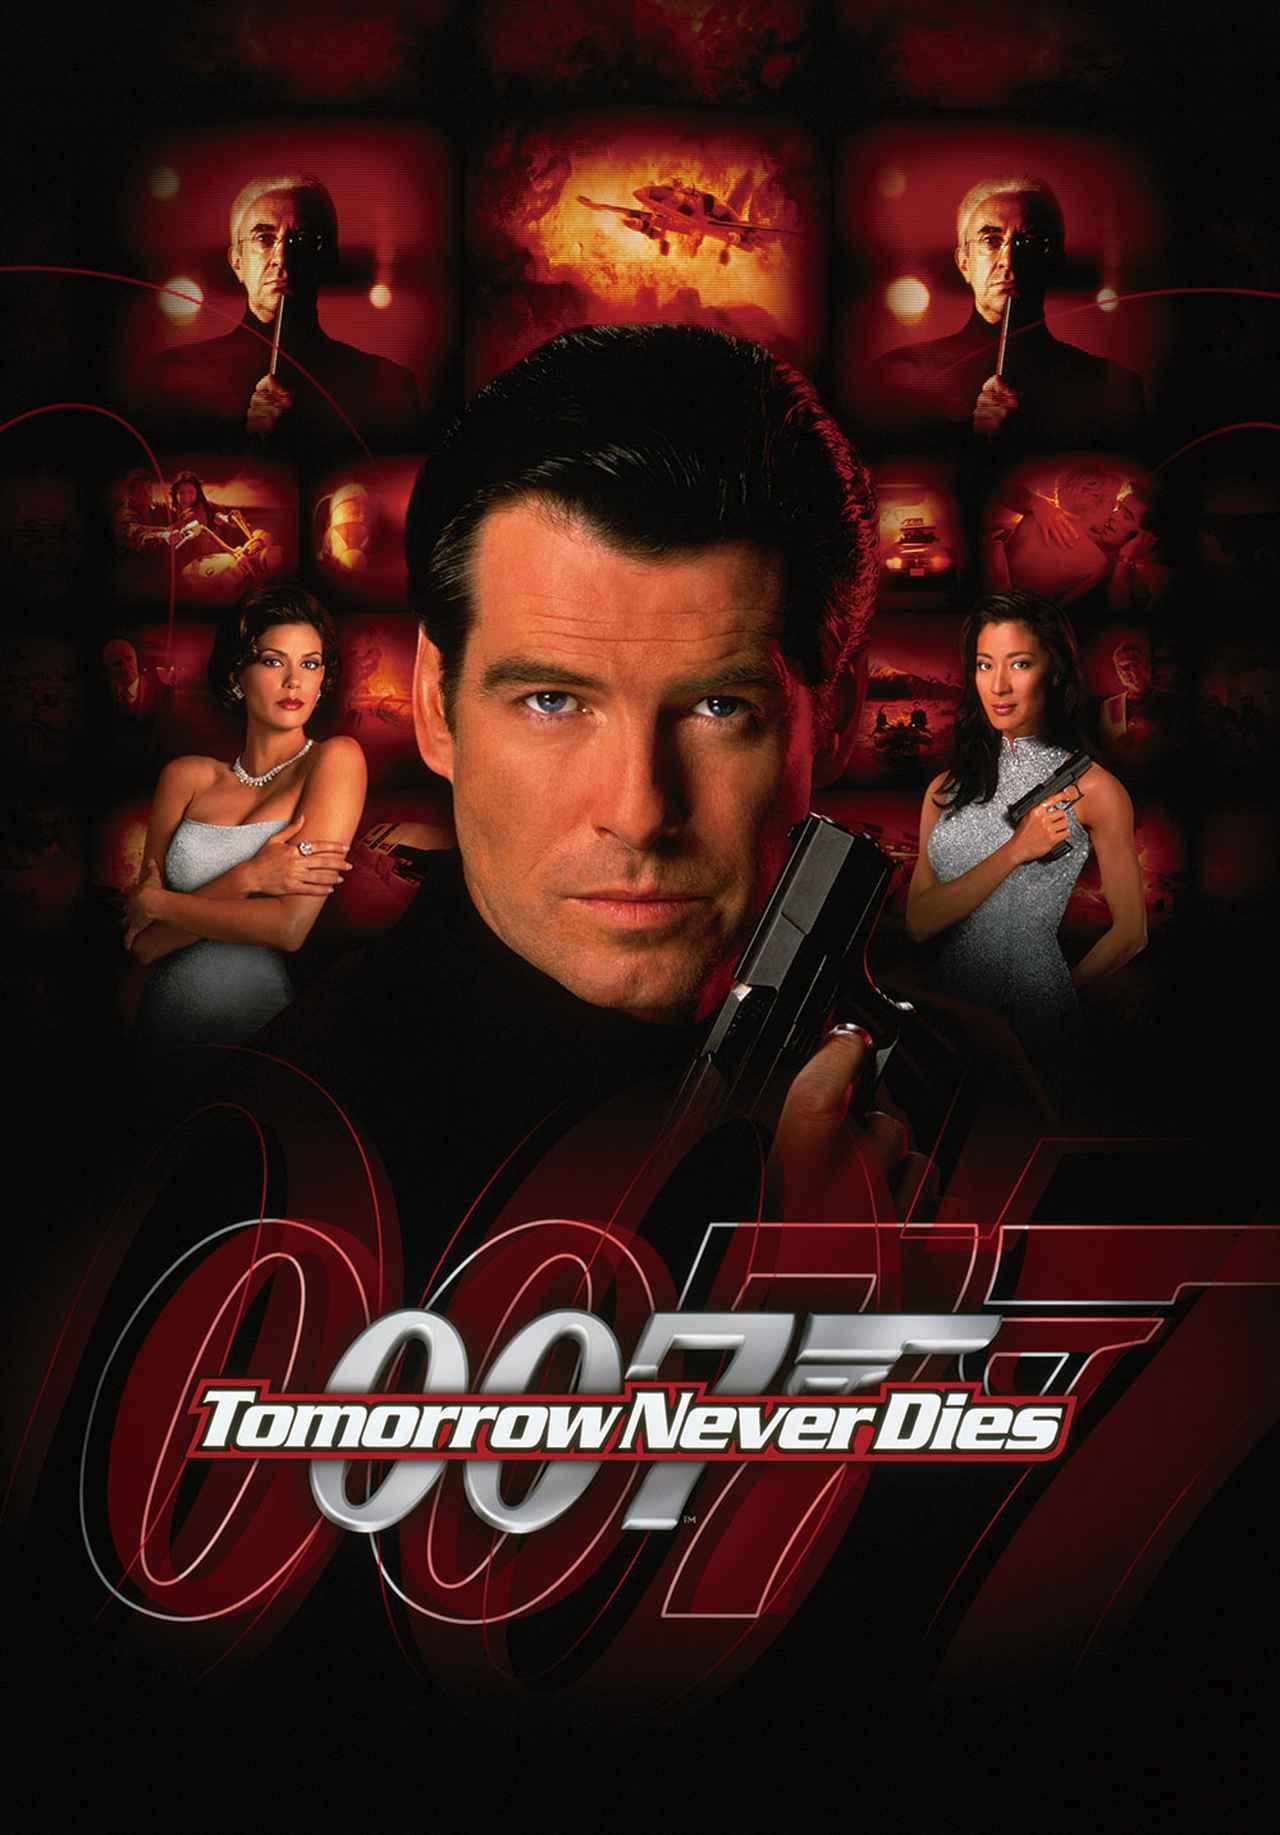 画像18: 世界のポスターで見る「007」シリーズ 全24作品まとめ